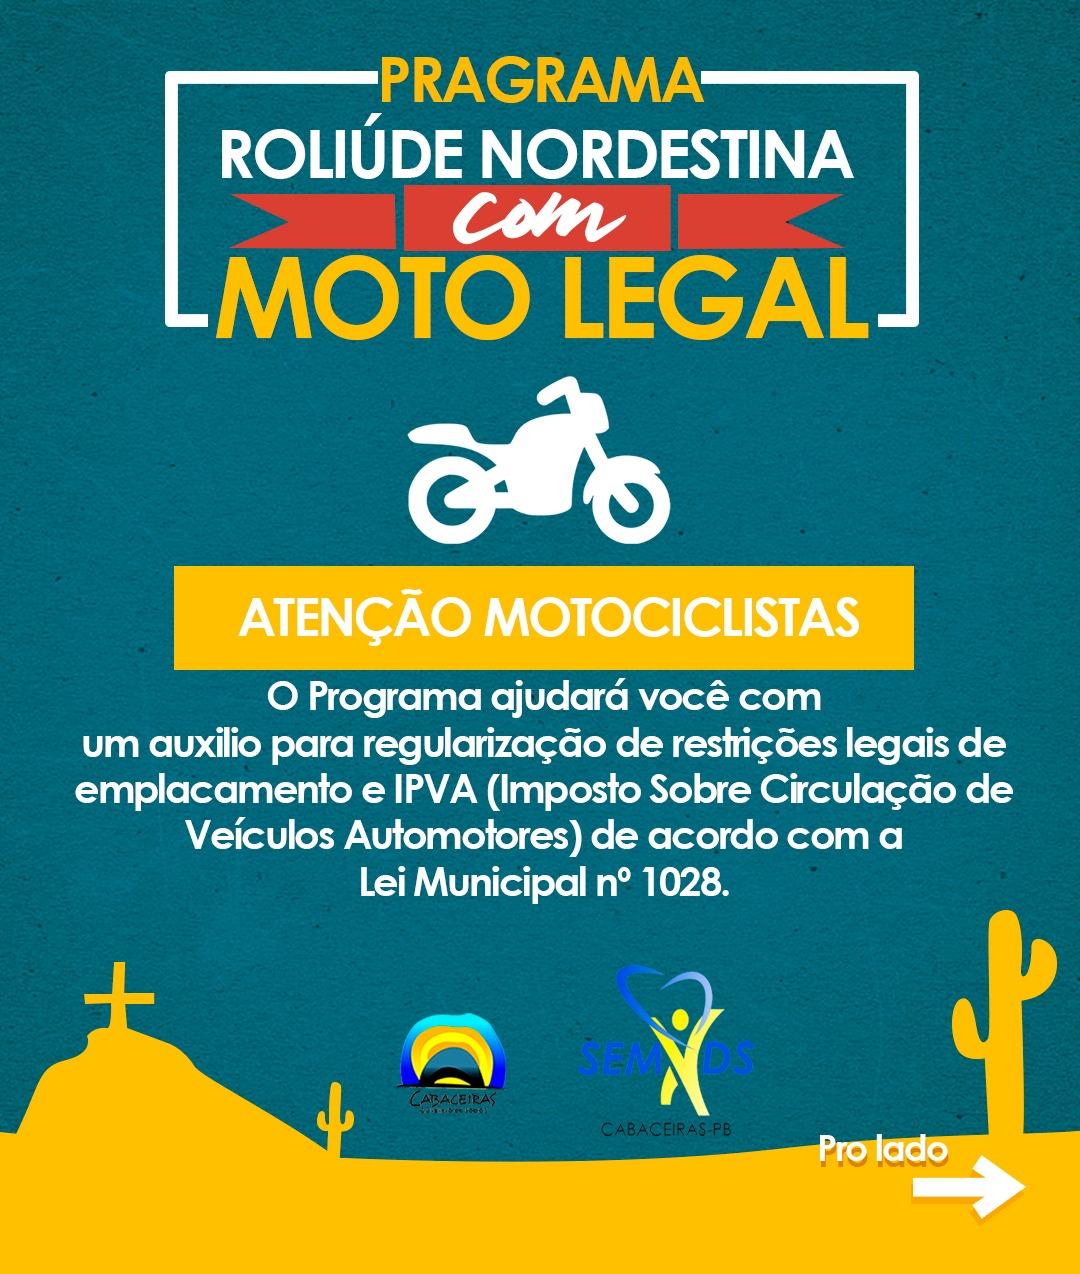 """Prefeitura de Cabaceiras lança programa """"Roliúde Nordestina com Moto Legal"""""""